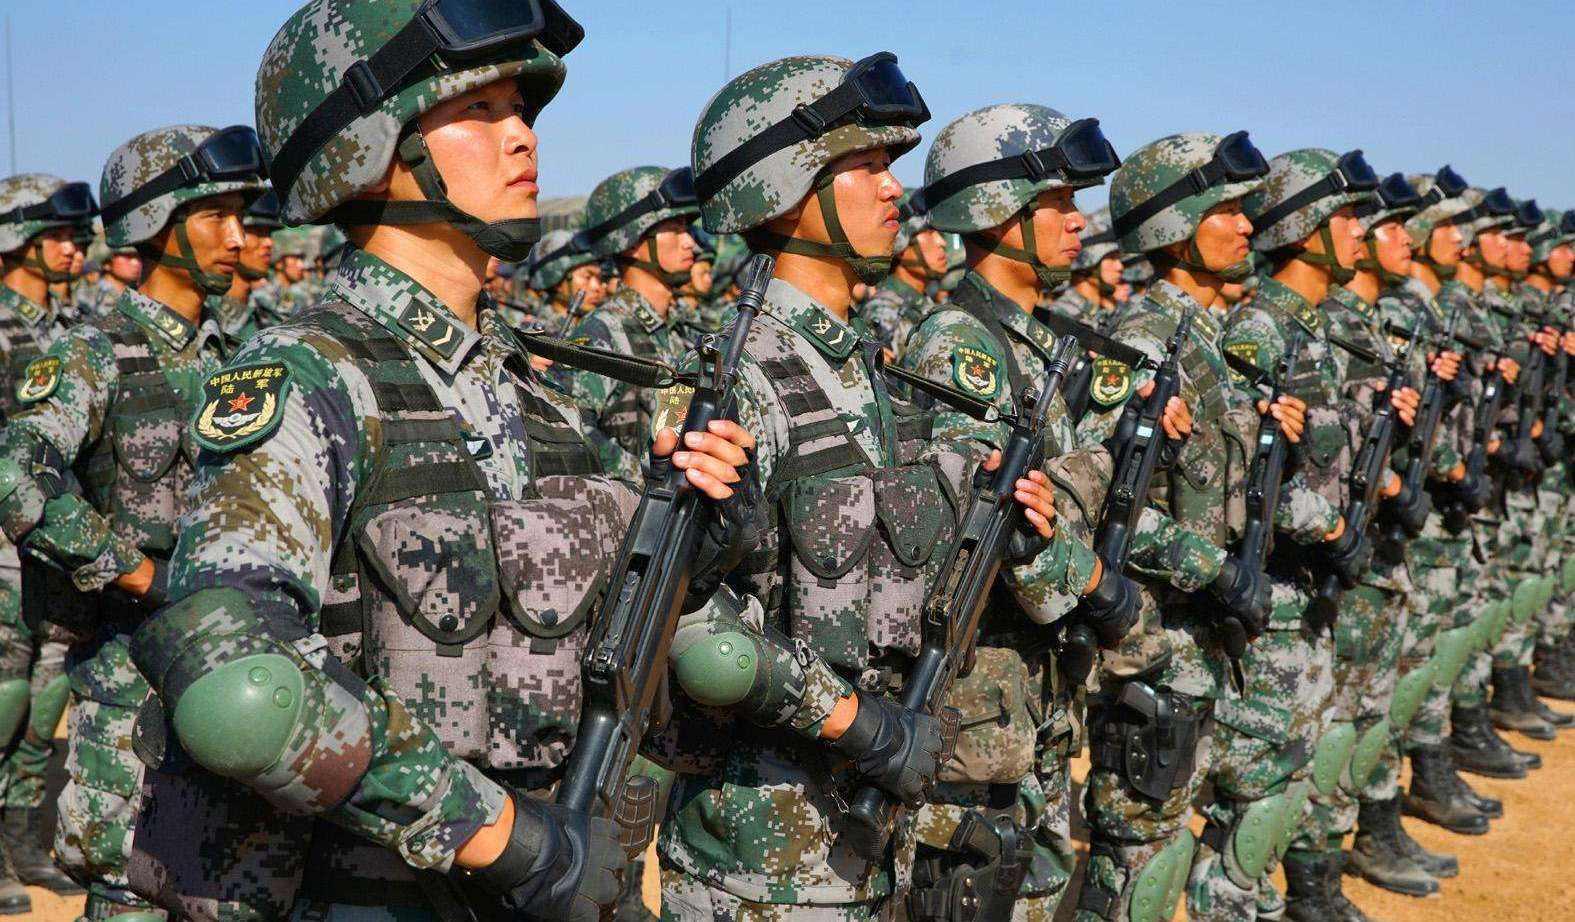 申請加入我國149次, 被拒絕仍主動掛我國國旗, 並宣稱屬於中國-圖5